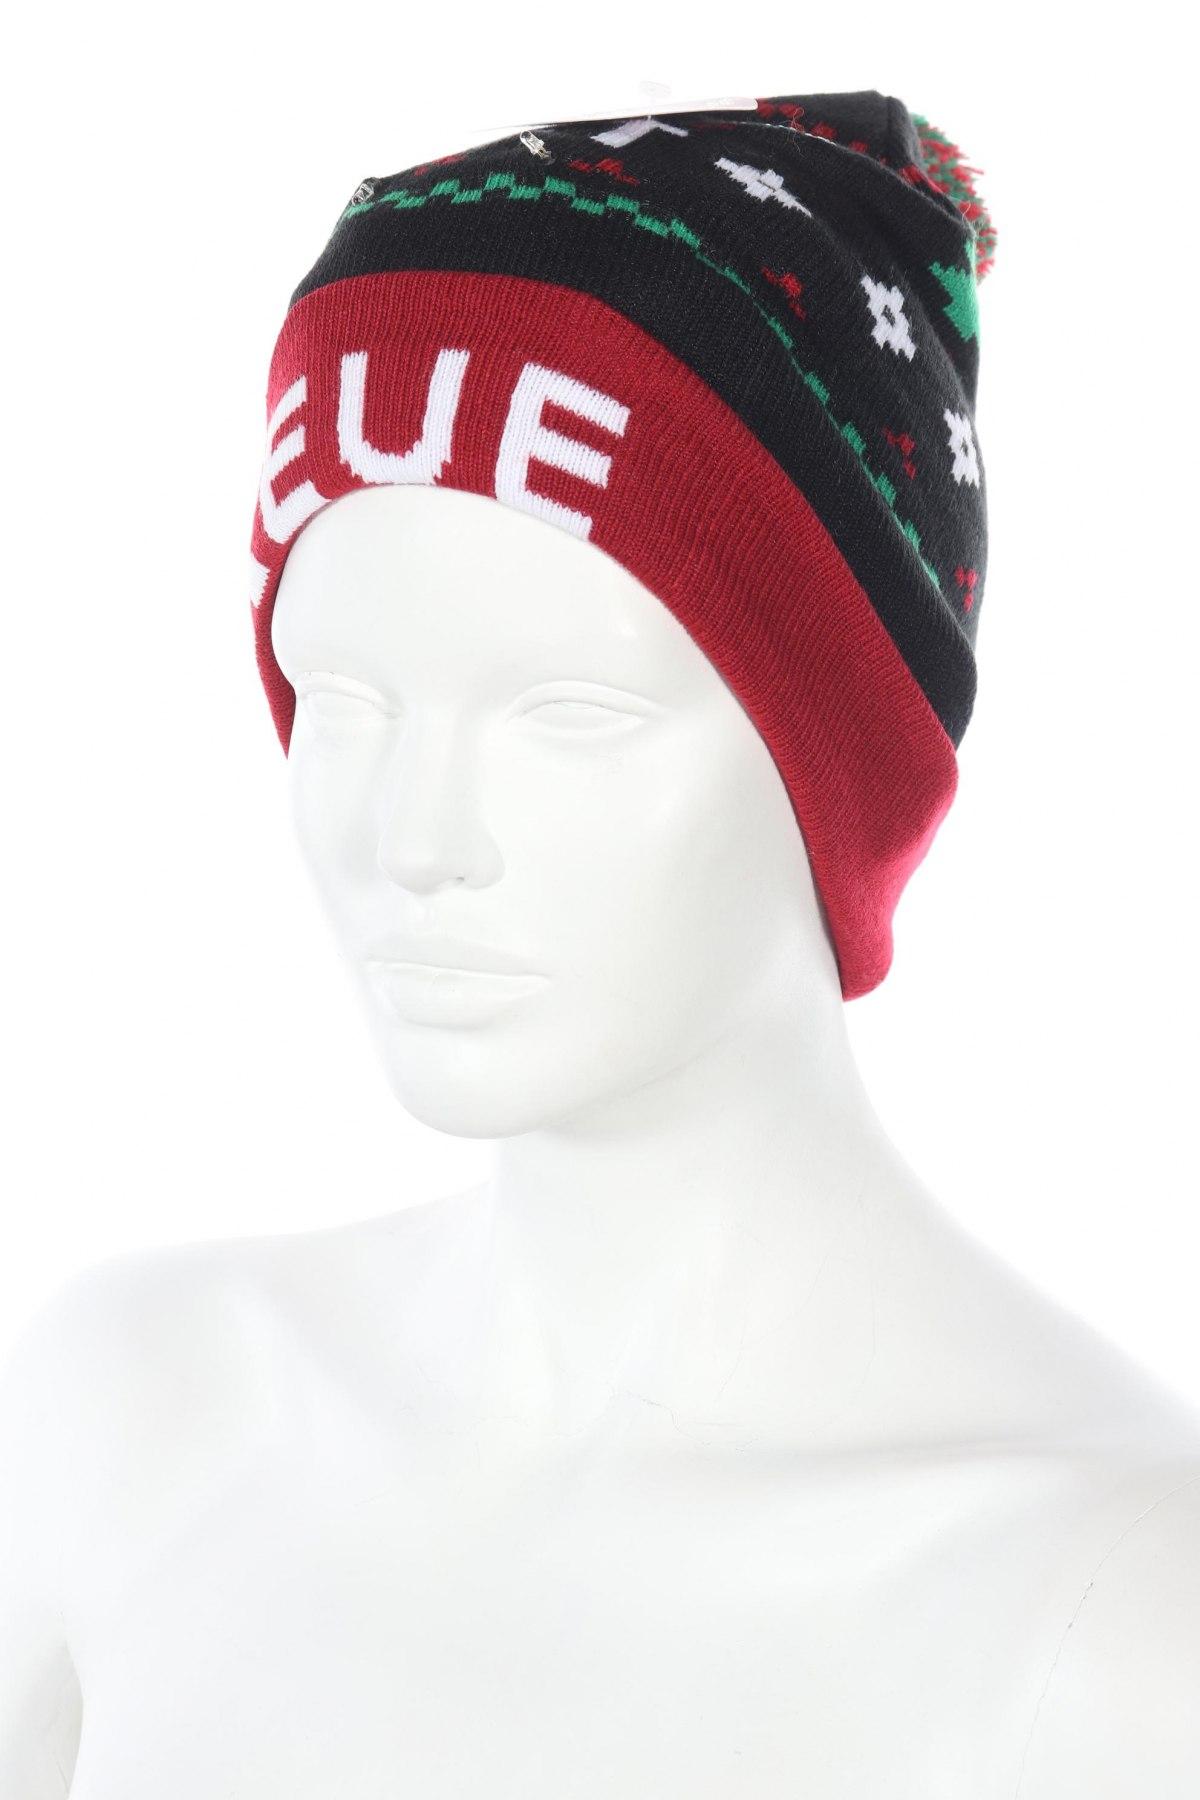 Καπέλο Capelli, Χρώμα Μαύρο, 86% πολυακρυλικό, 13% πολυαμίδη, 1% ελαστάνη, Τιμή 6,27€